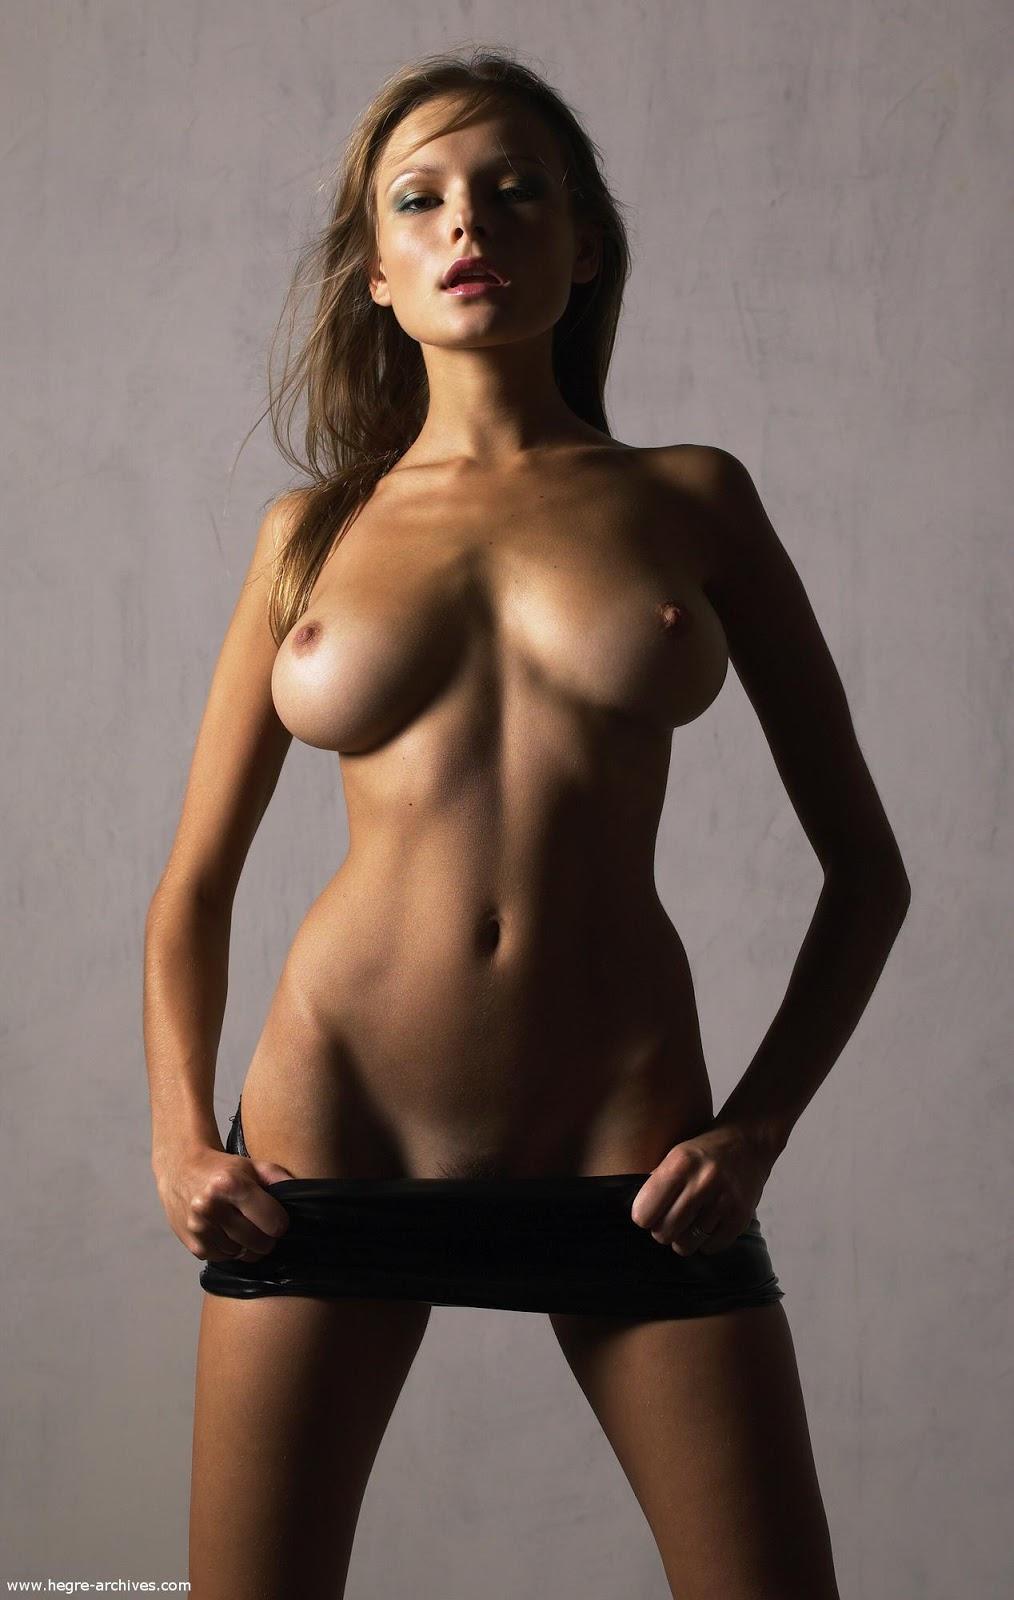 Худая модель люба с большой грудью убассейна 7 фотография